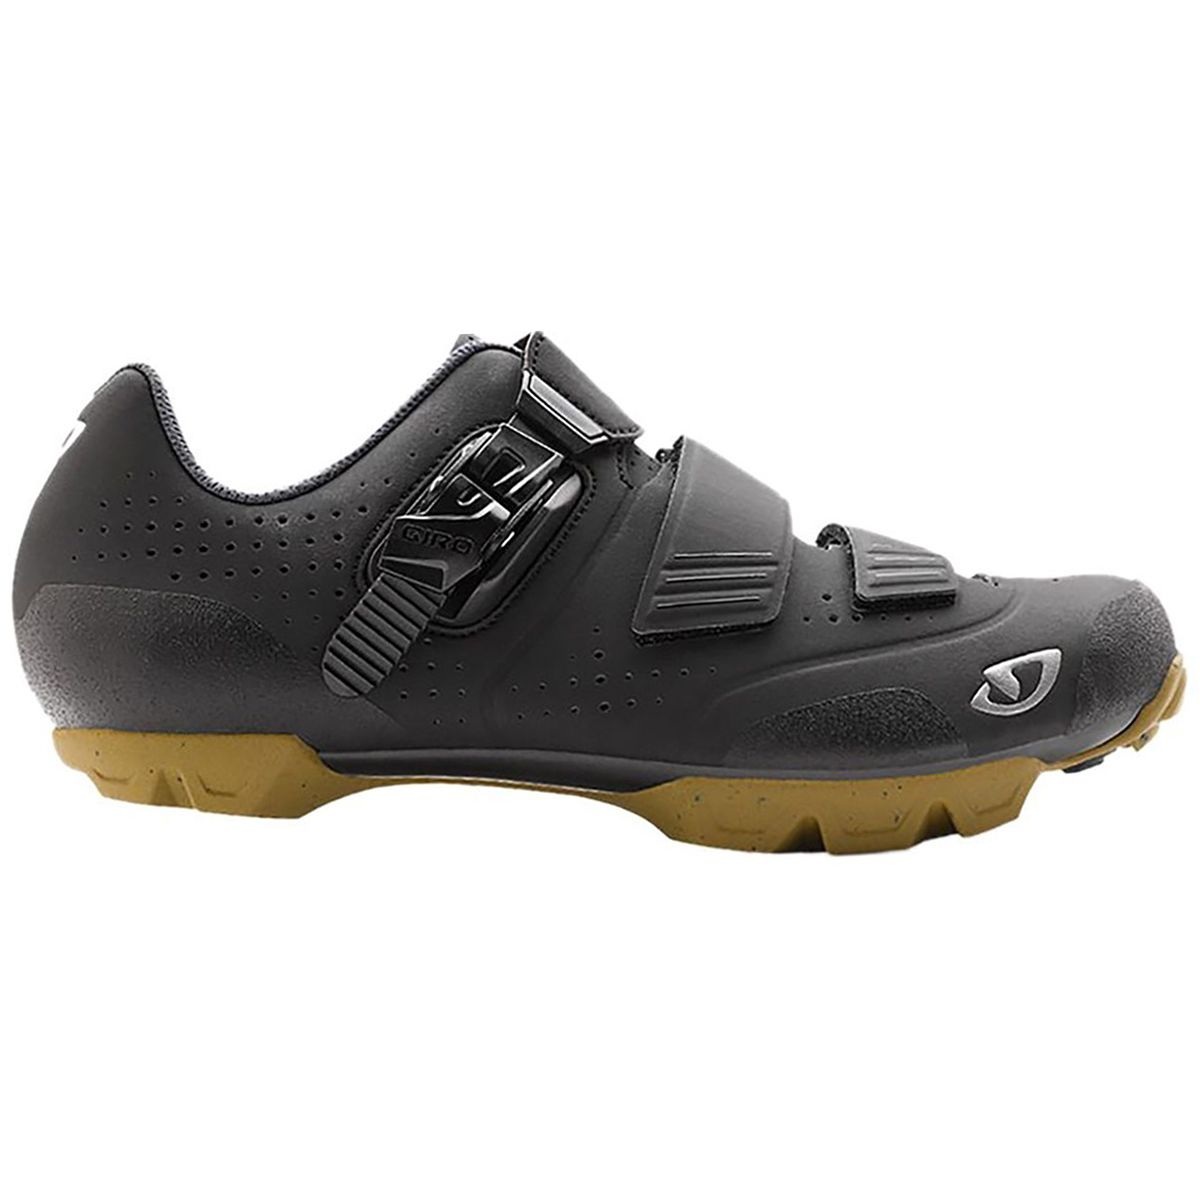 Giro Privateer R Shoe - Men's